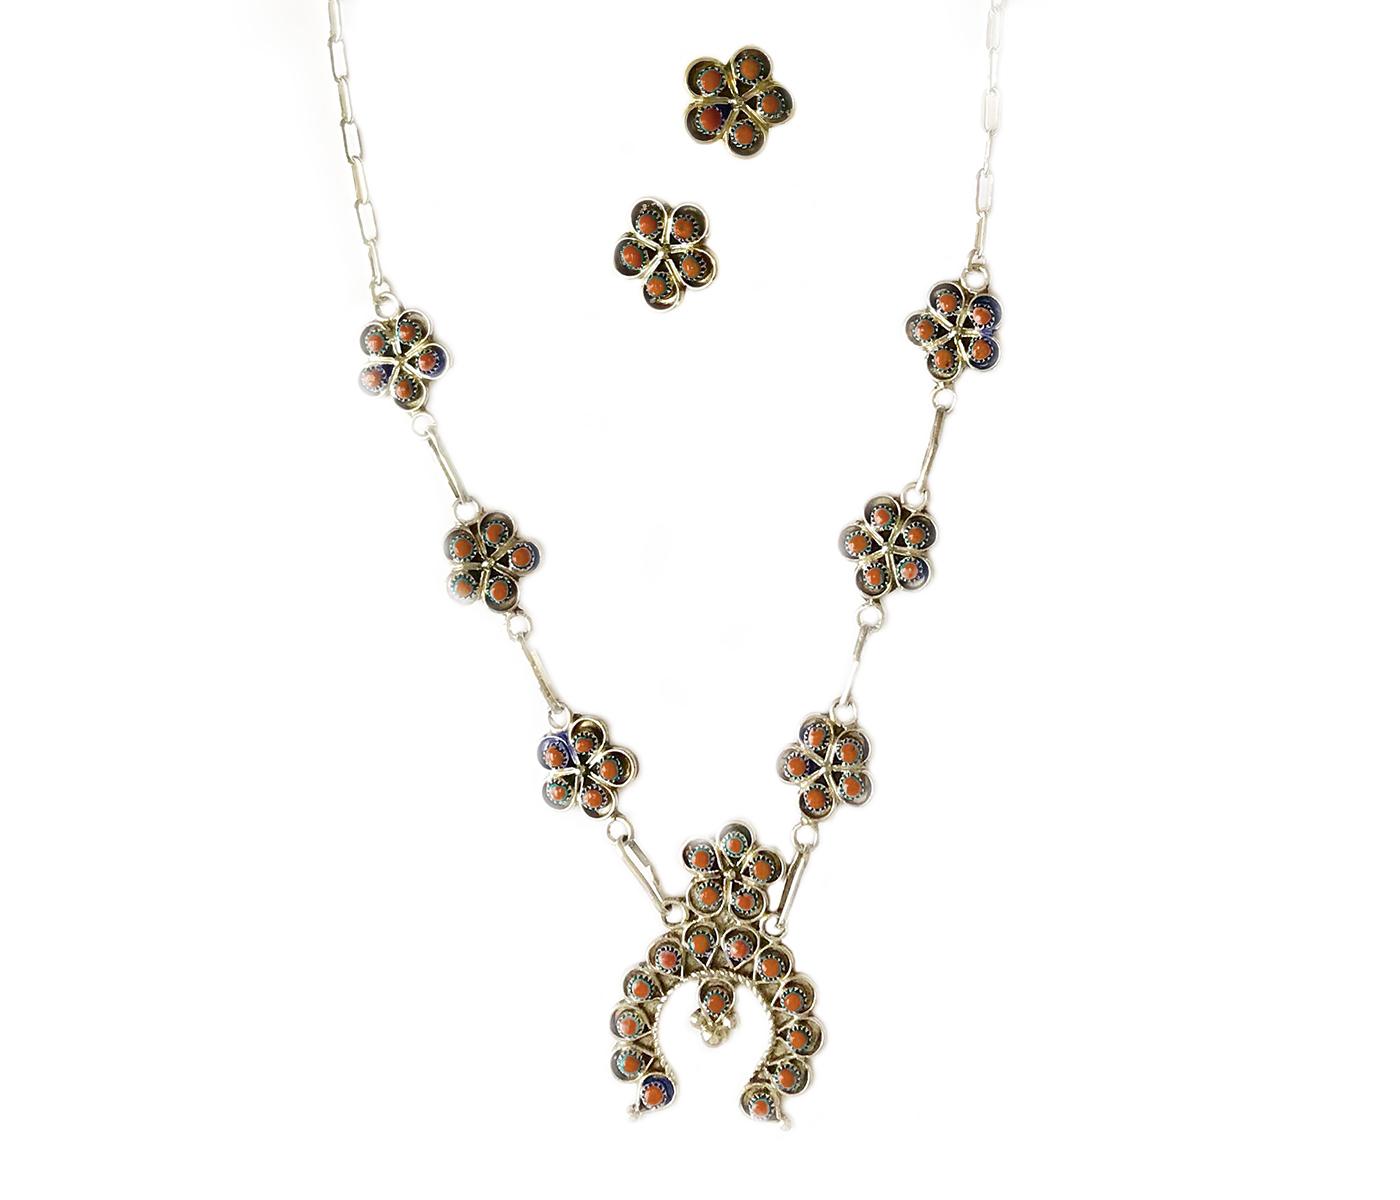 Mini Squash Blossom Necklace